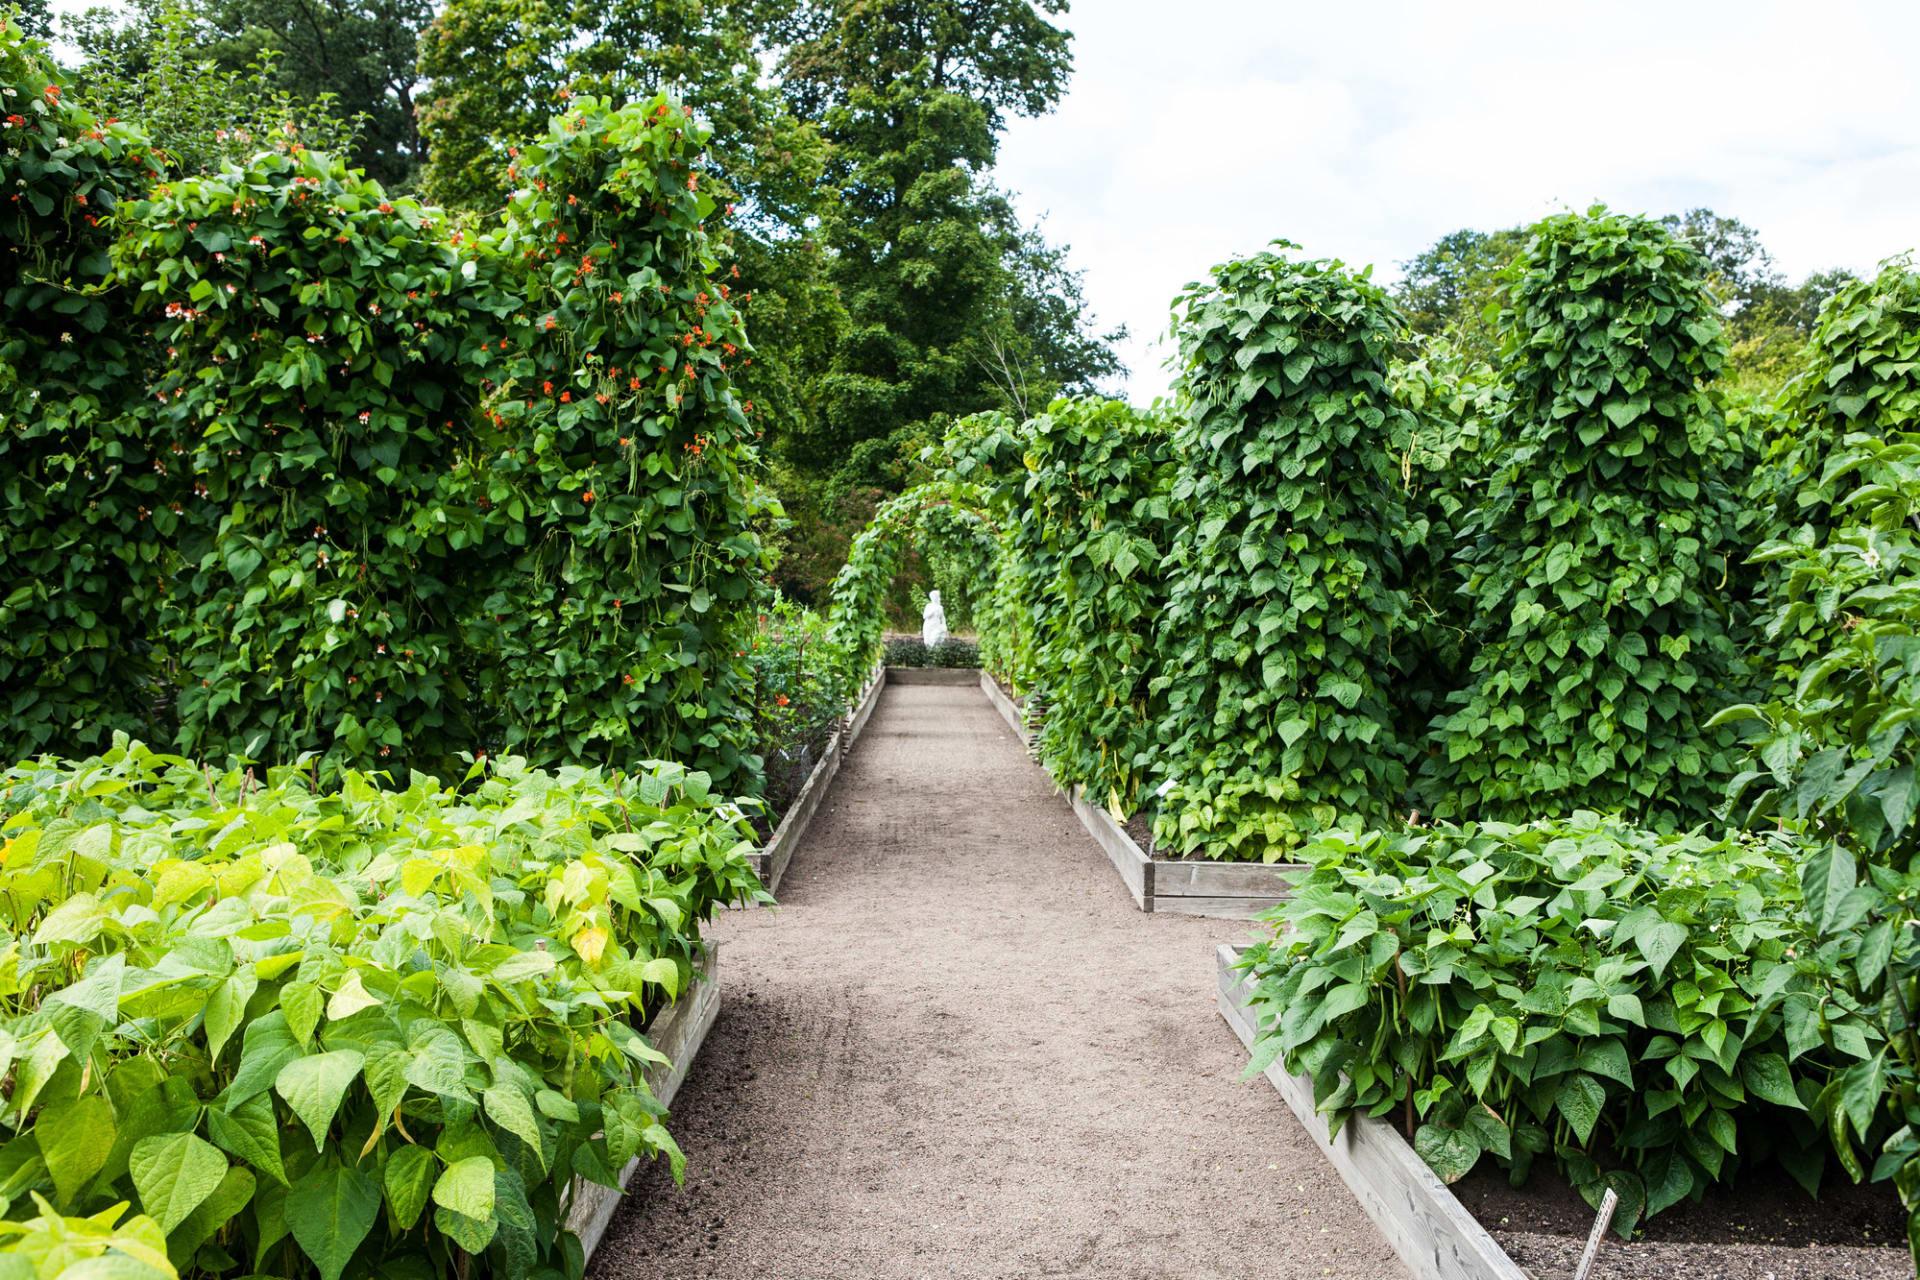 Bönor kan odlas på många olika vis. T. v. syns blomsterbönan 'Red rhum'.